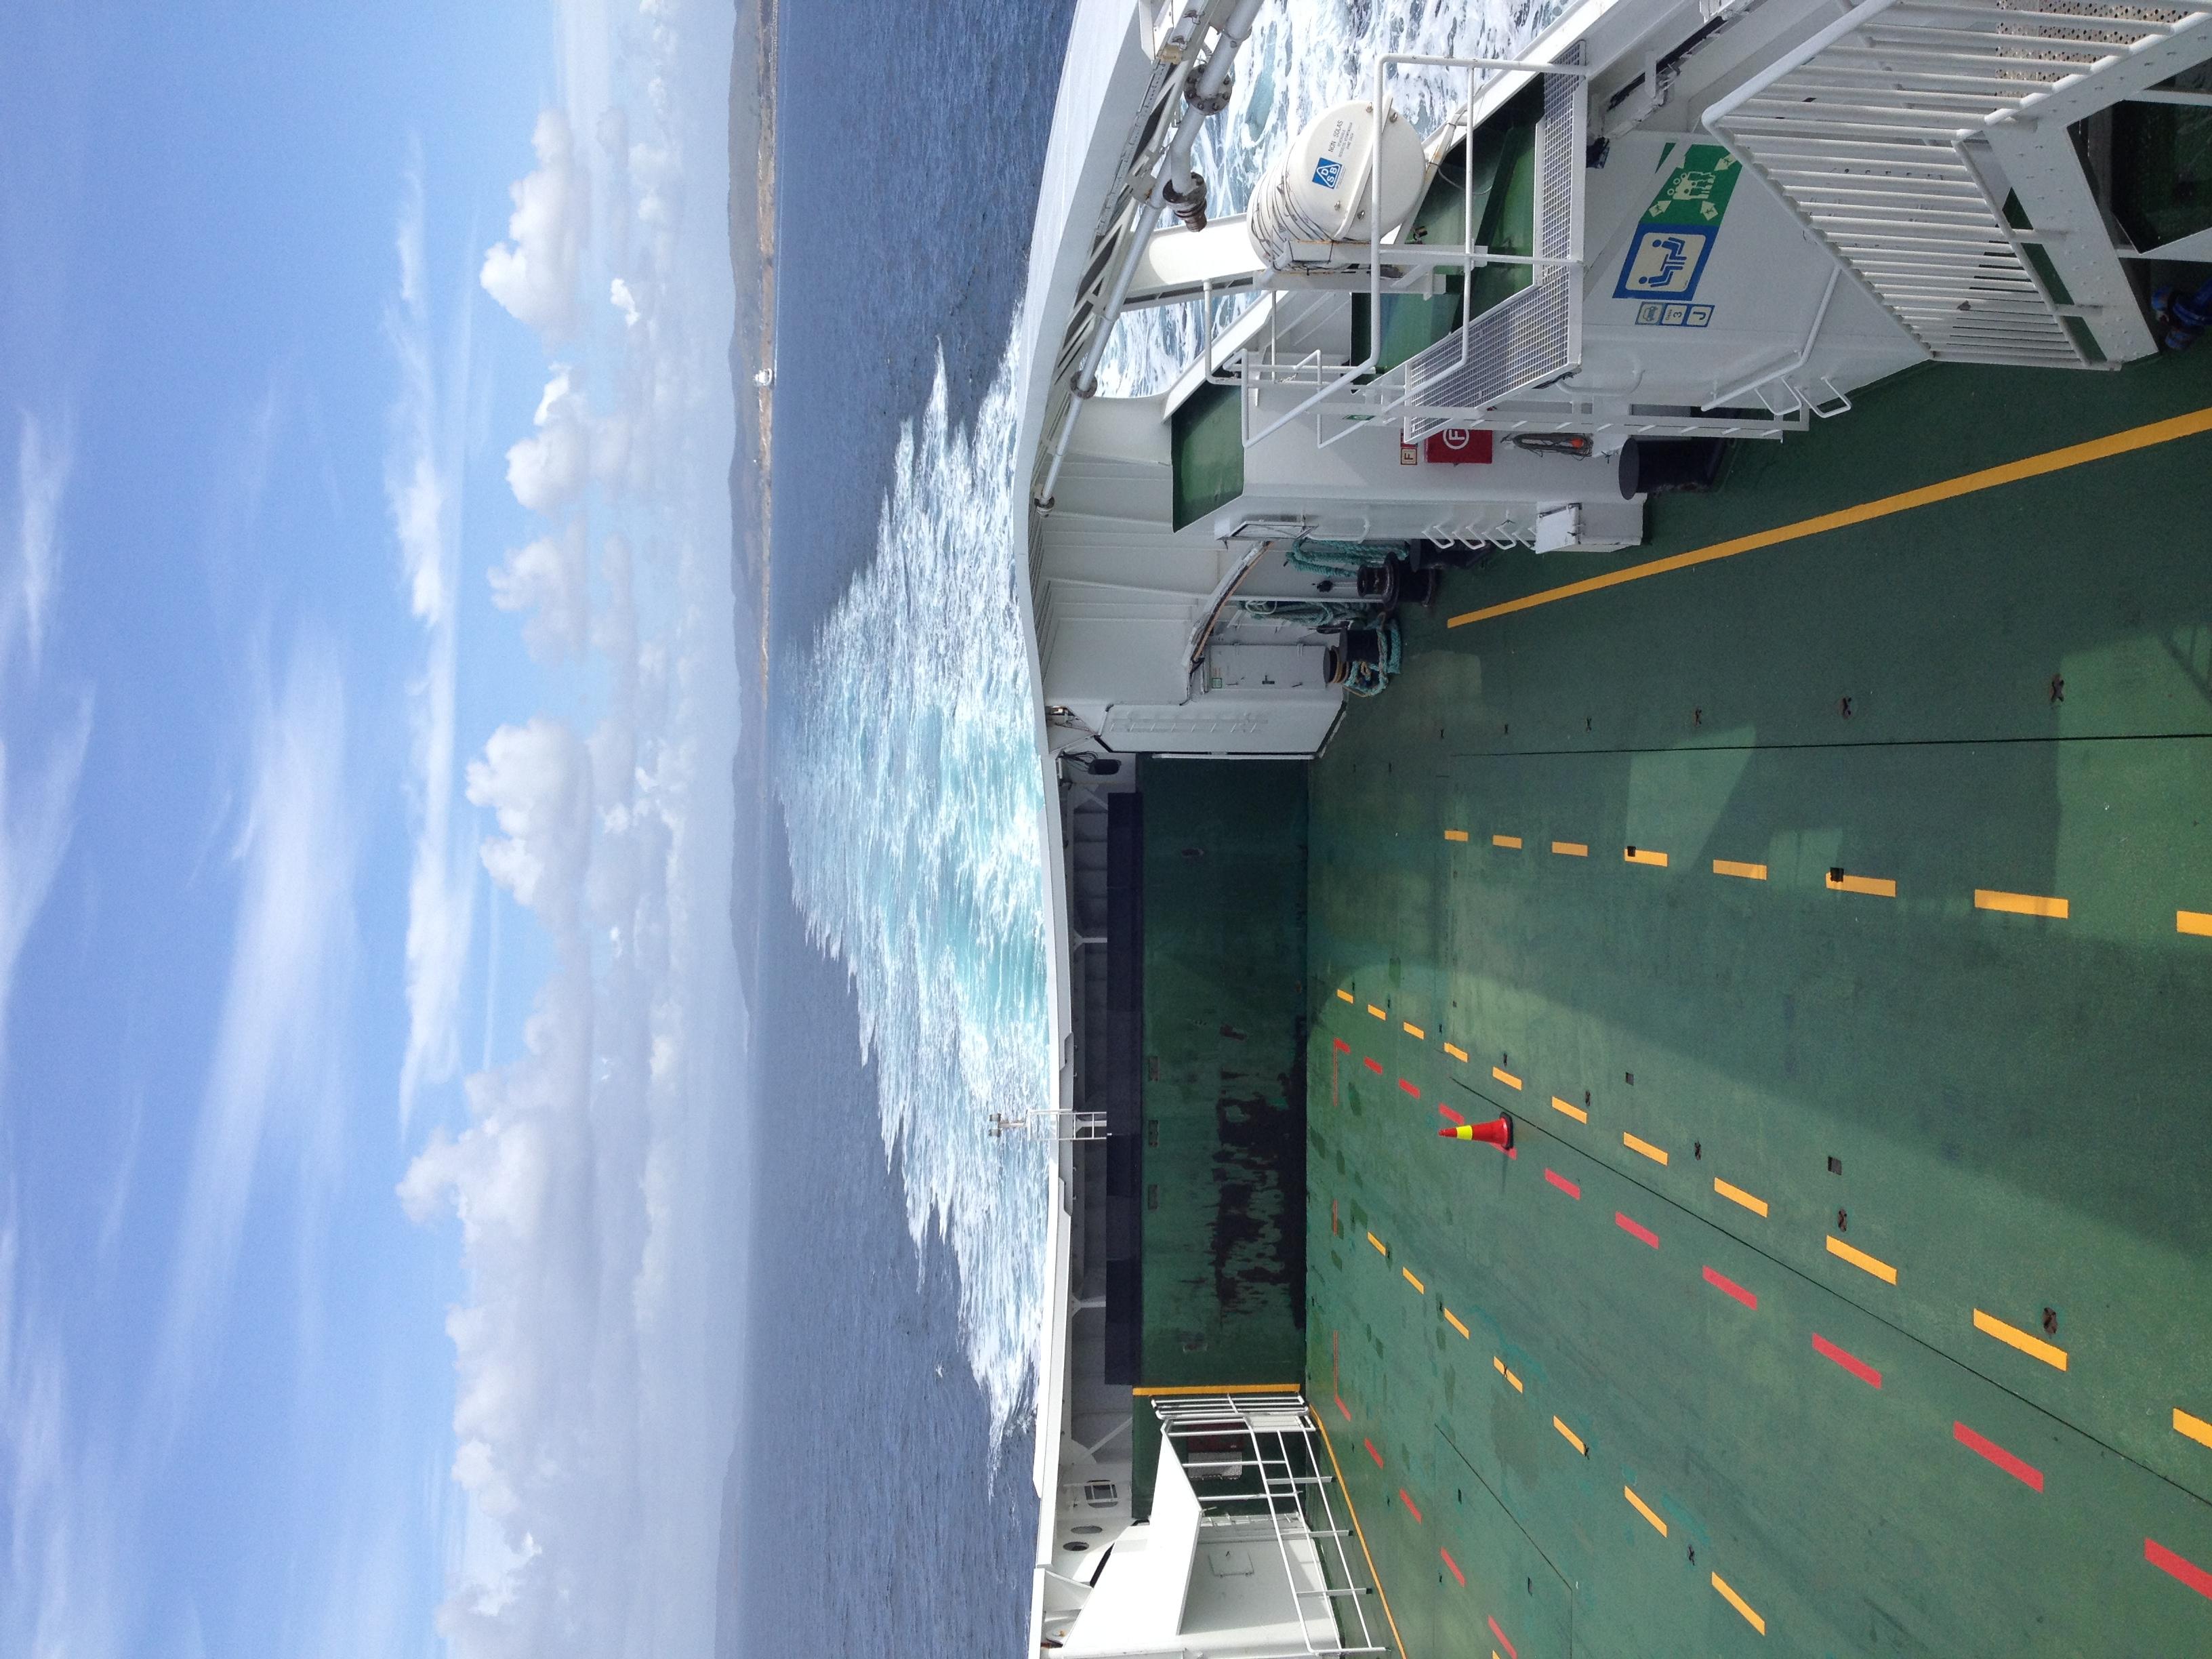 Ferry ride Stavangar-Haugesund